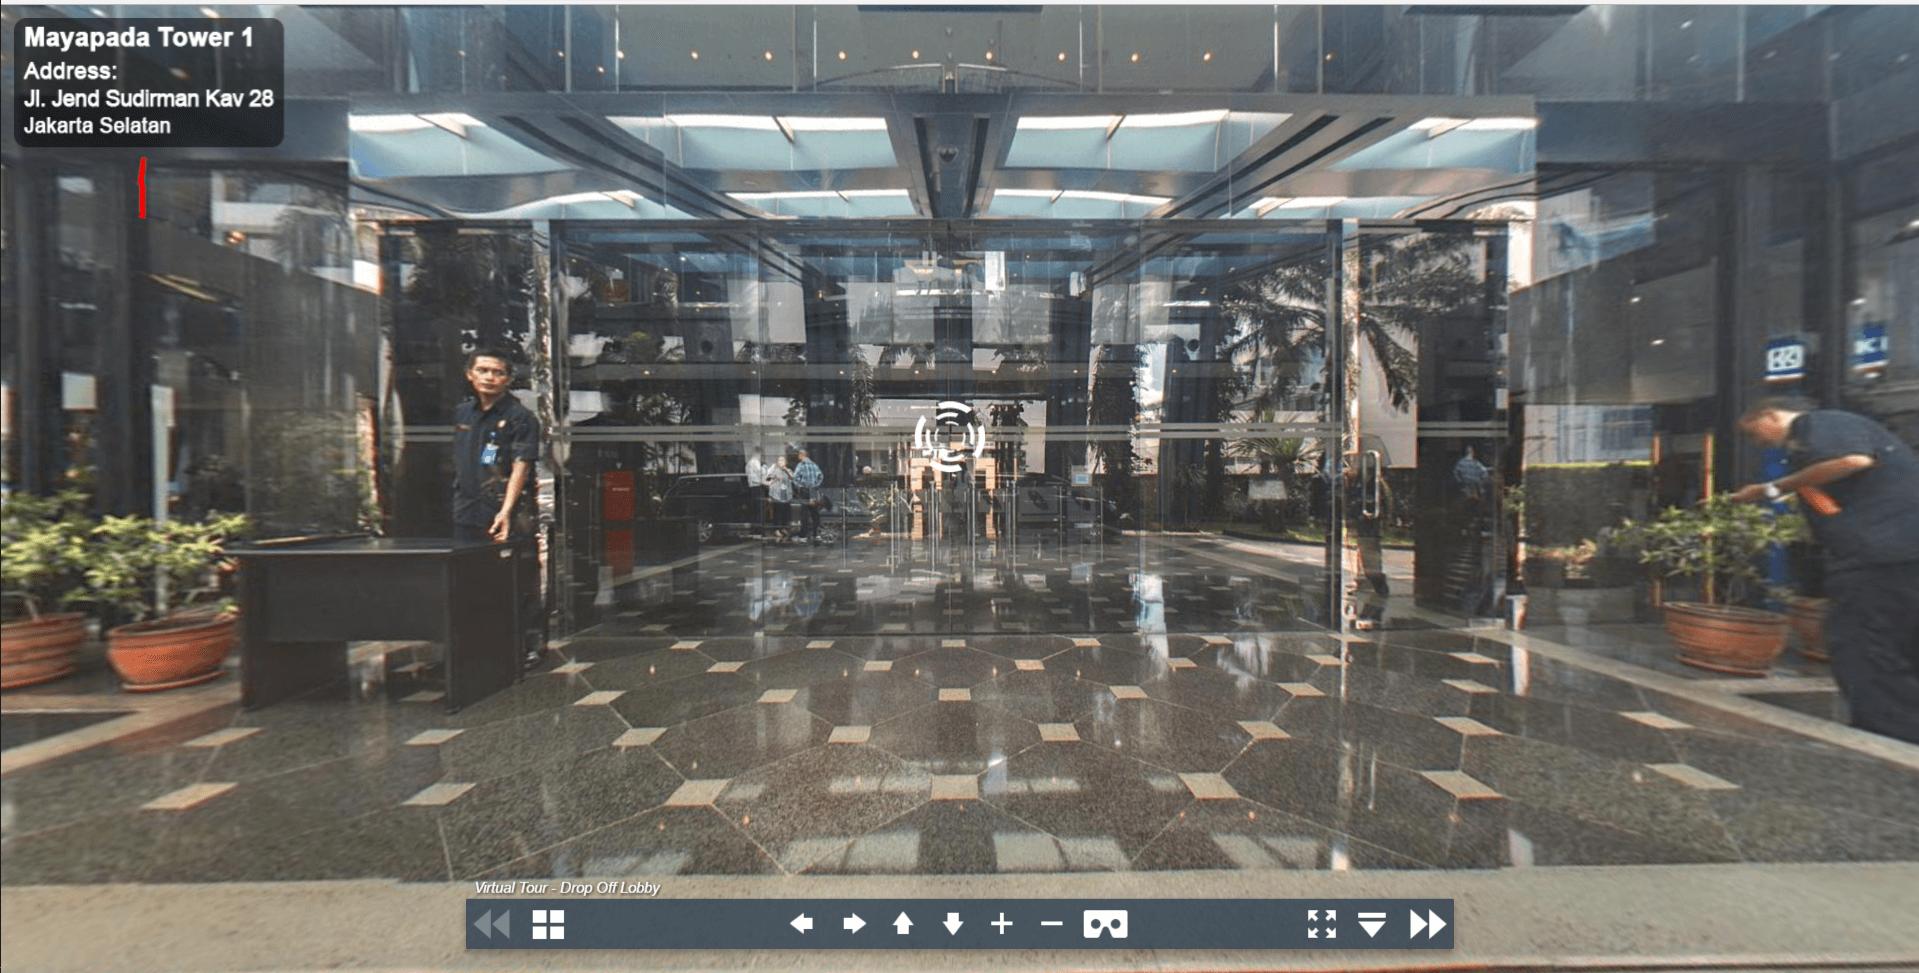 Sewa Kantor Gedung Mayapada Tower 1 Jakarta Selatan Setiabudi Sudirman Jakarta Virtual Reality